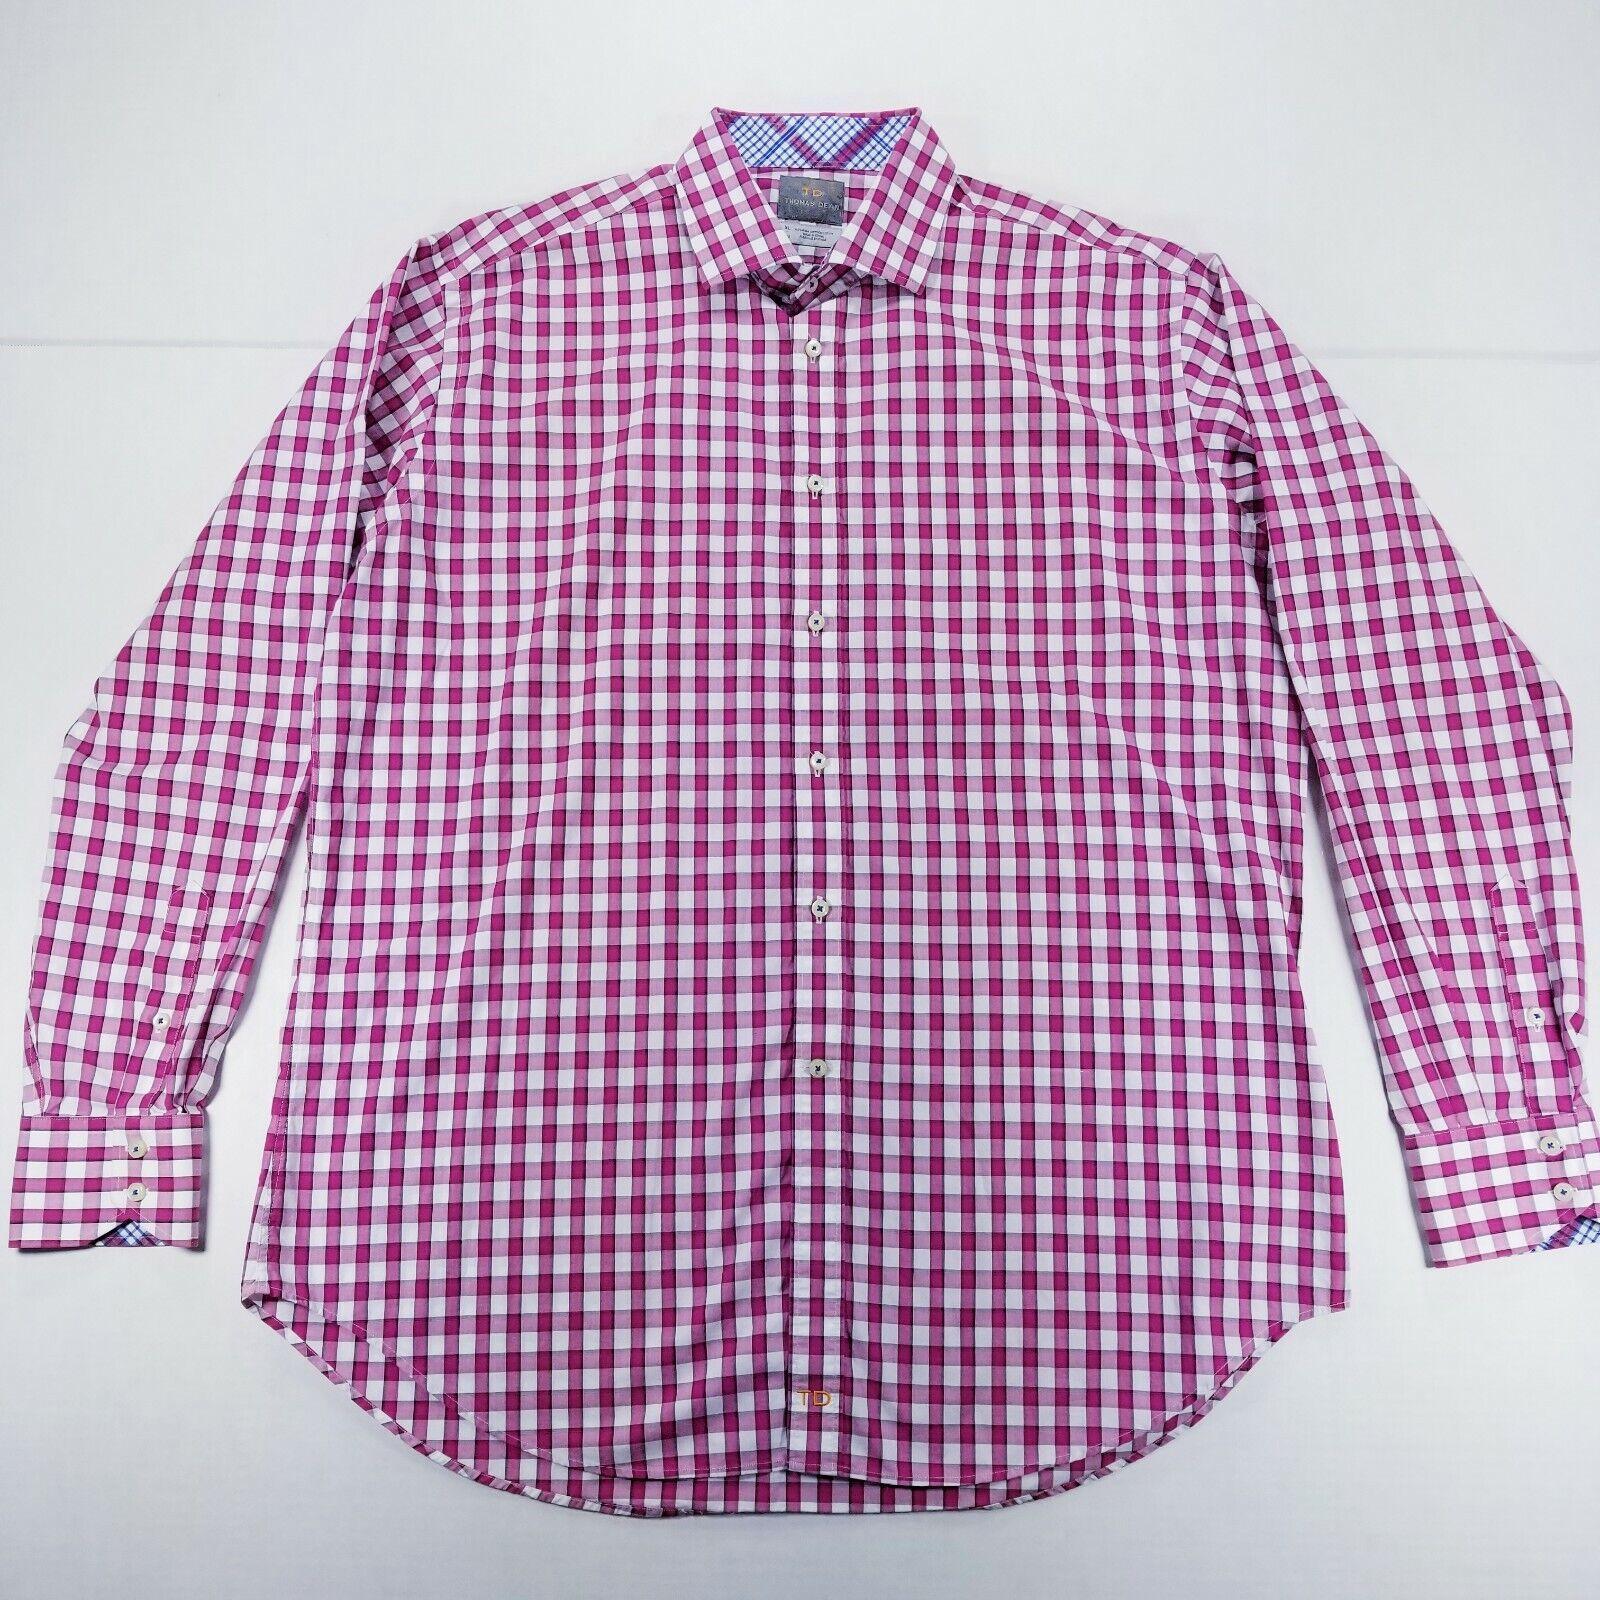 bd71804d Thomas Dean long sleeve button front Men's Pima Cotton Hot Pink ...